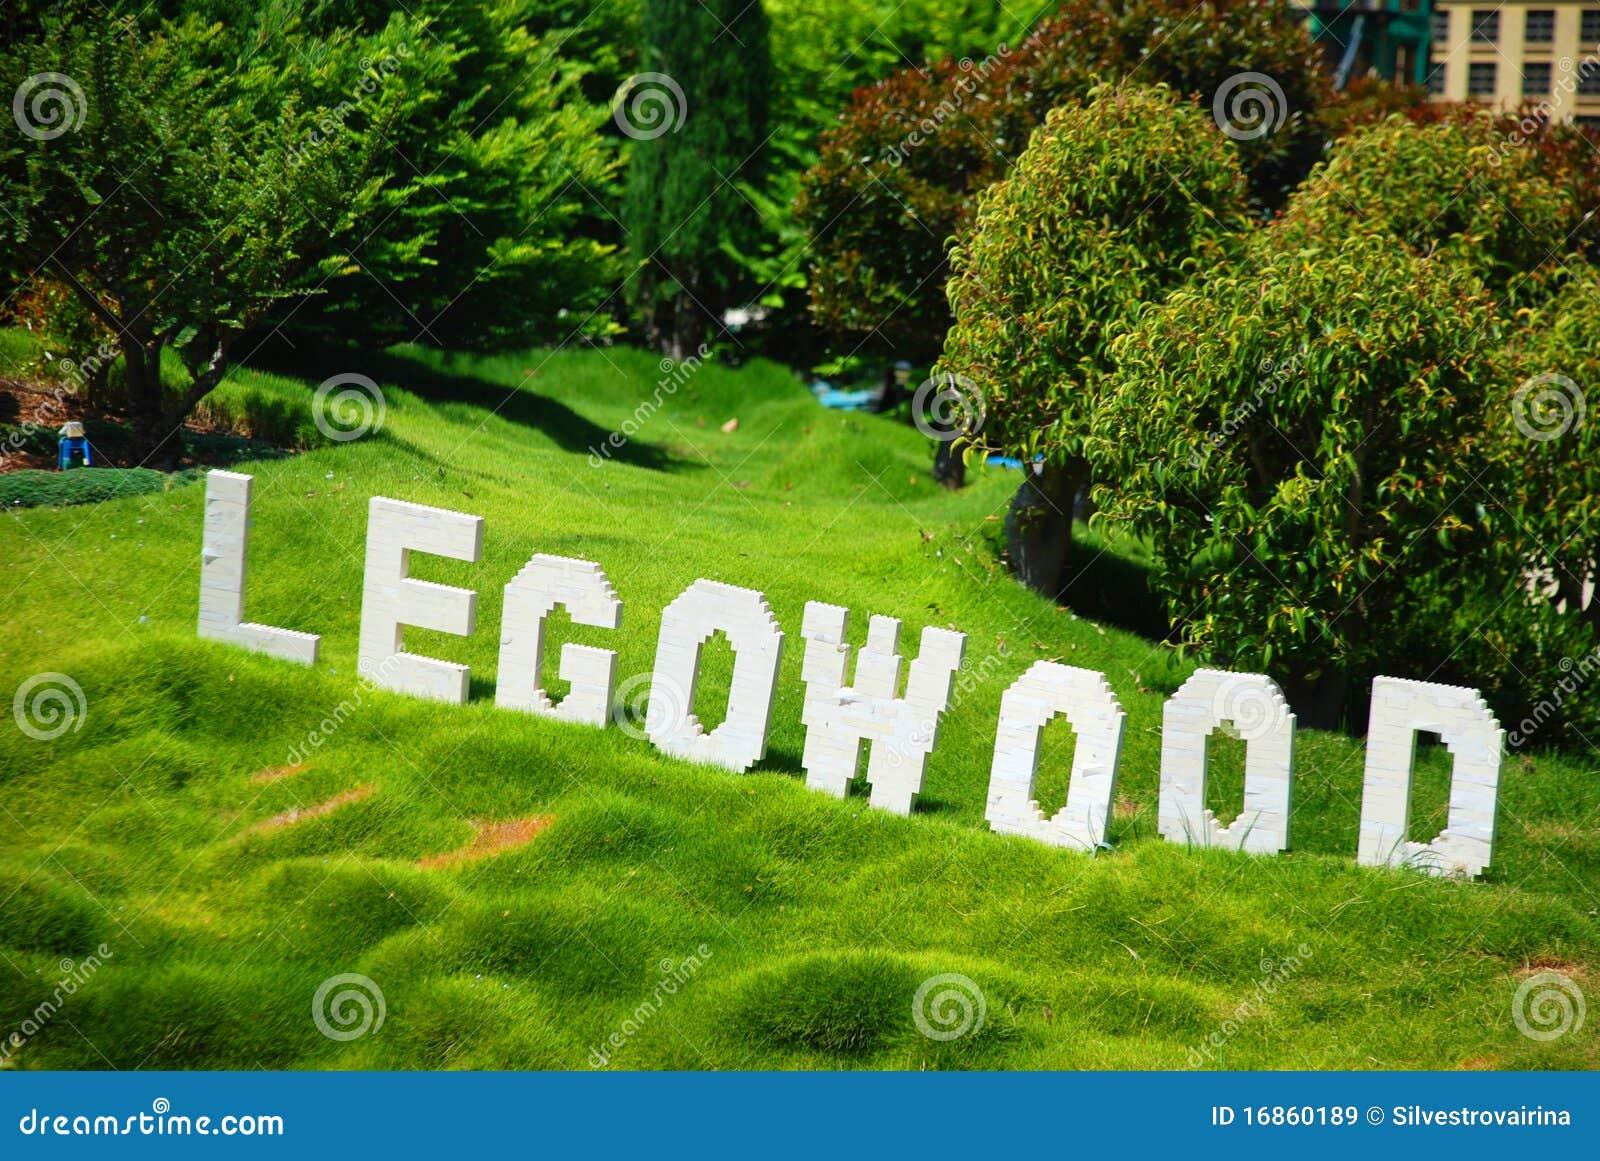 Legowood no legoland